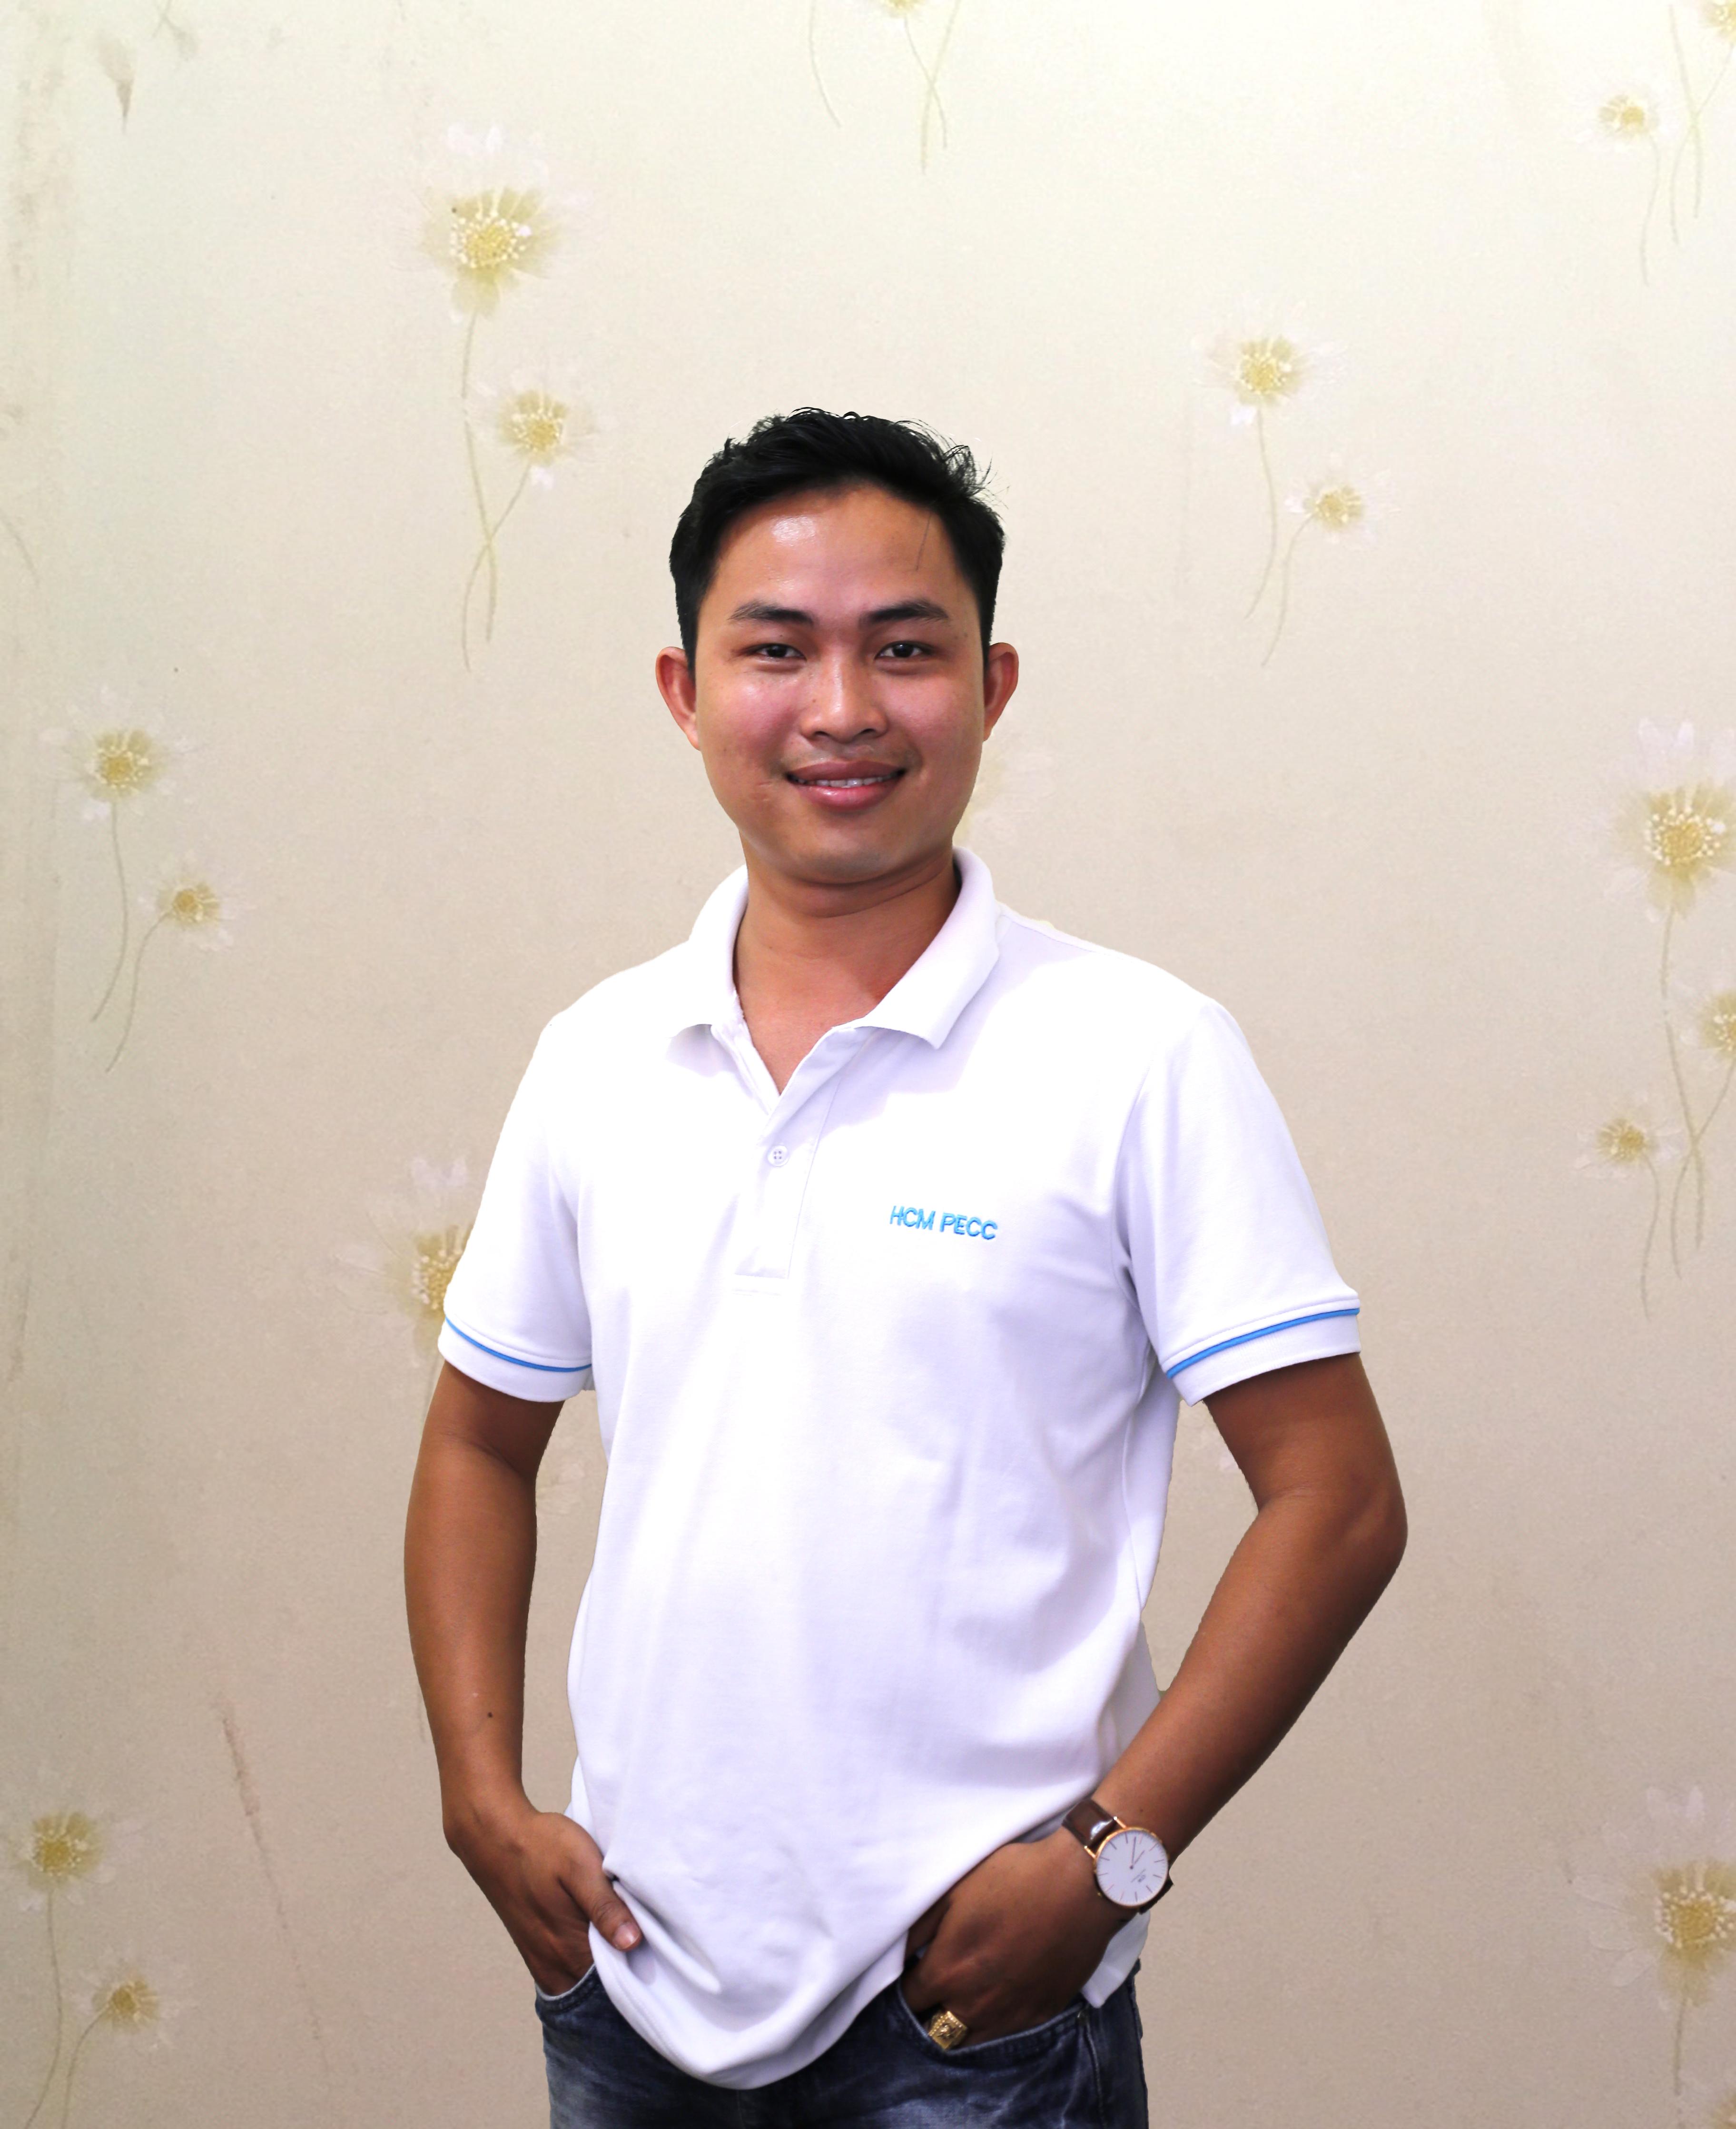 Đỗ Quang Khanh